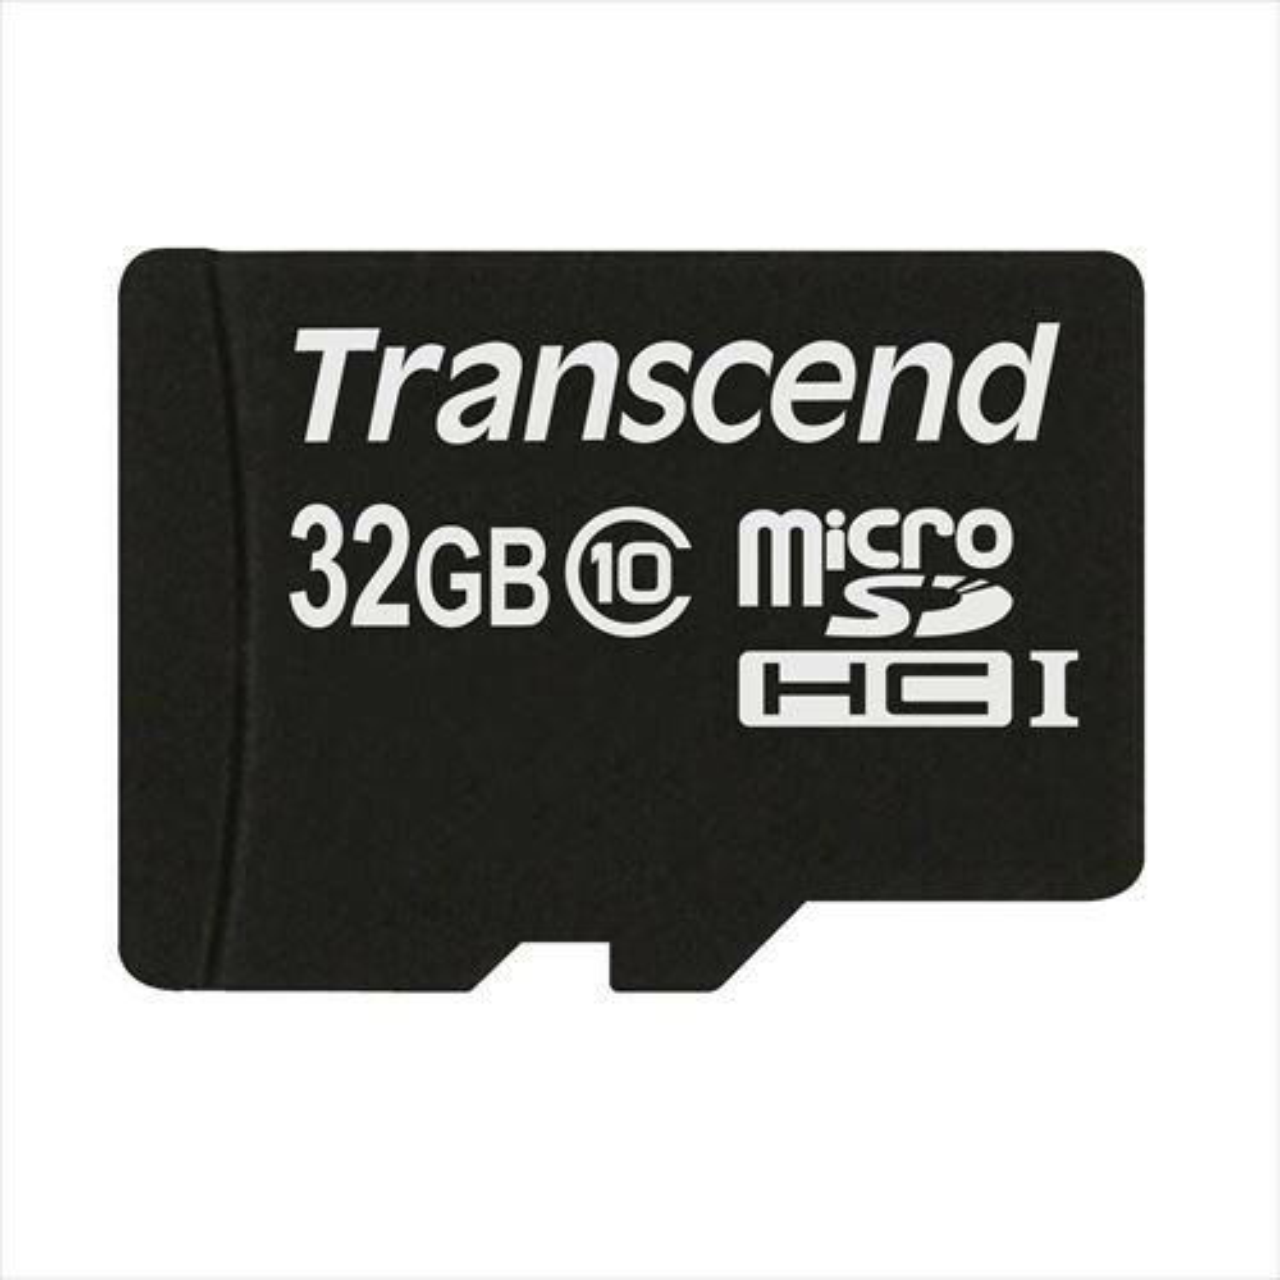 Transcend microSDカード 32GB Class10 5年保証 マイクロSD microSDHC New 3DS対応 最大転送速度20MB/s クラス10 スマホ SD 入学 卒業[TS32GUSDC10]【ネコポス専用】【今だけ送料無料!】